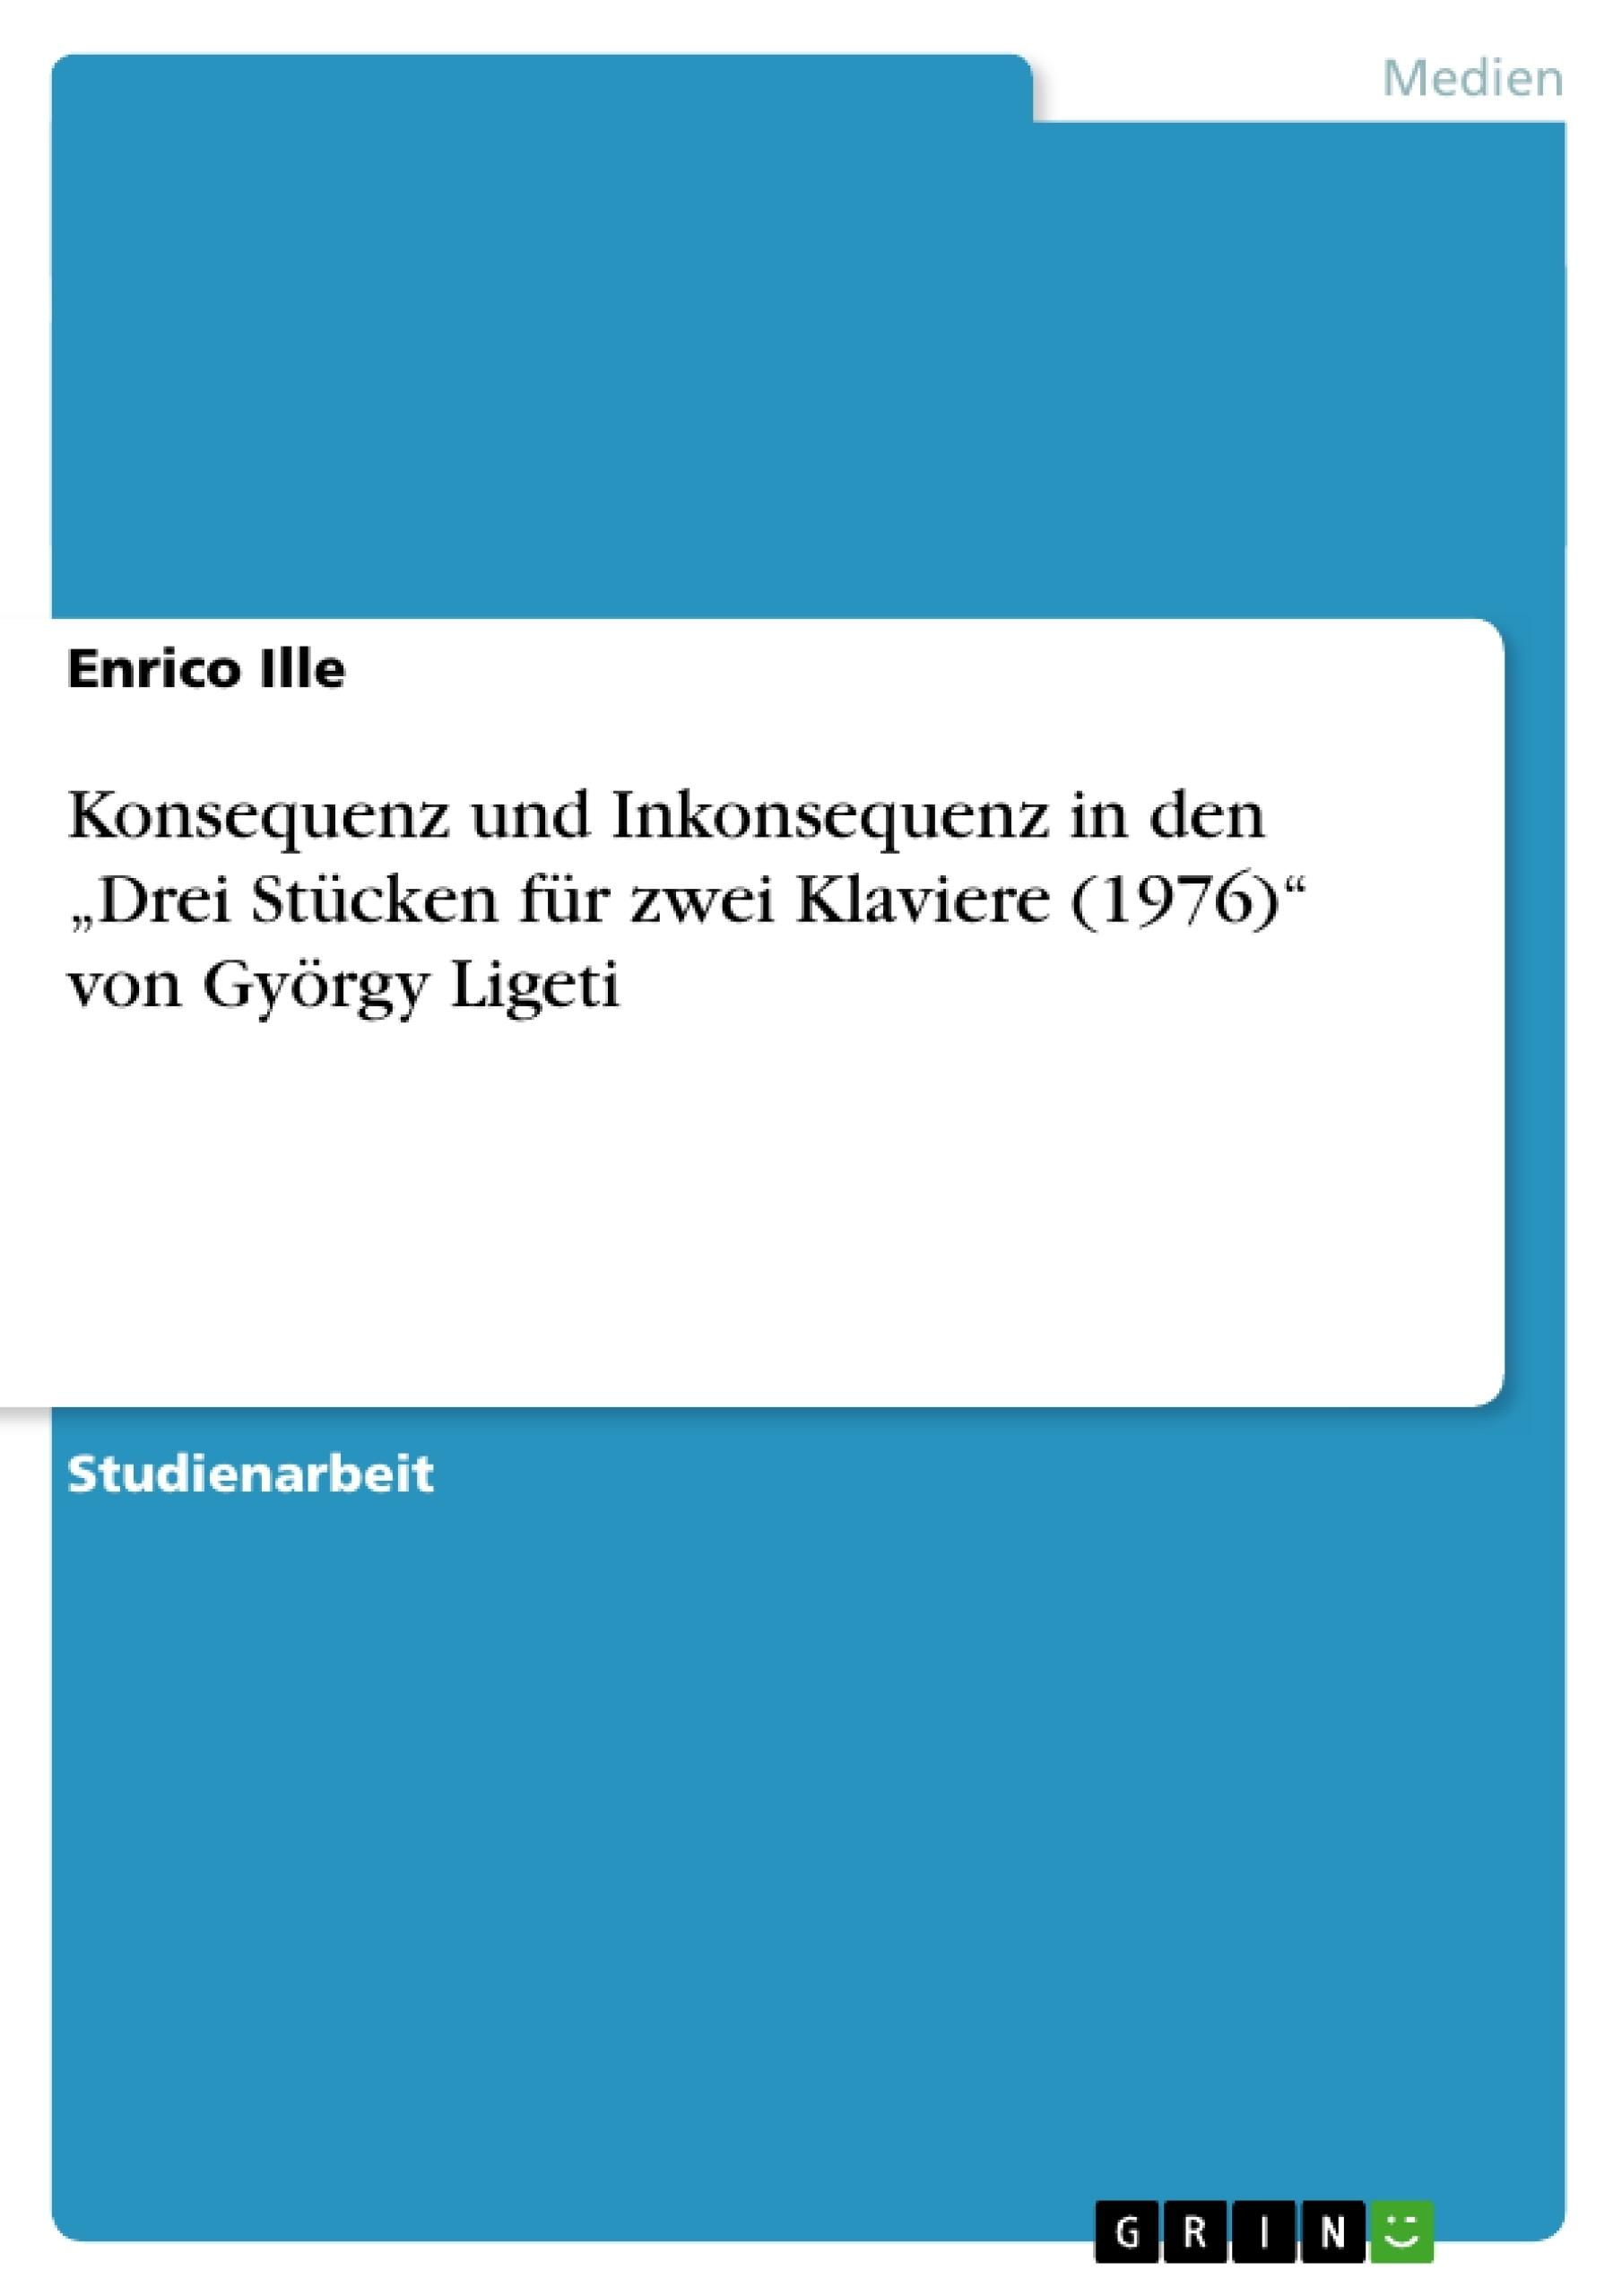 """Titel: Konsequenz und Inkonsequenz in den """"Drei Stücken für zwei Klaviere (1976)"""" von György Ligeti"""